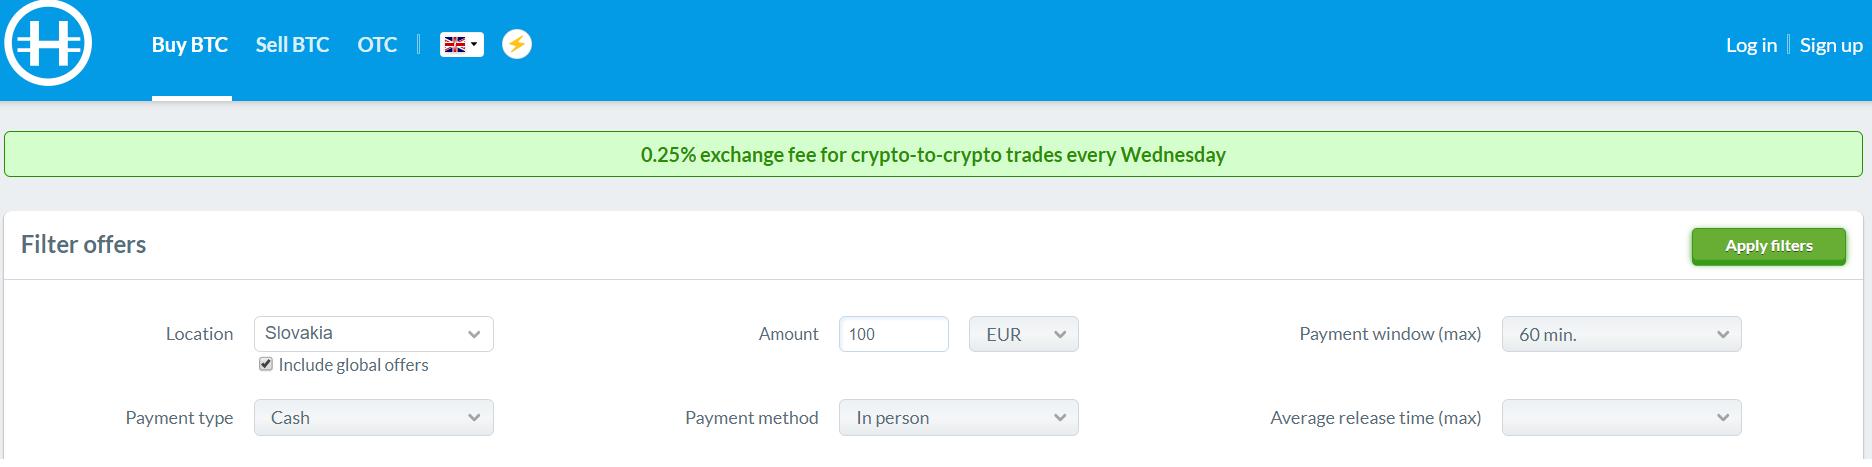 Kā nopirkt bitcoin anonīmi, cryptocurrencies?